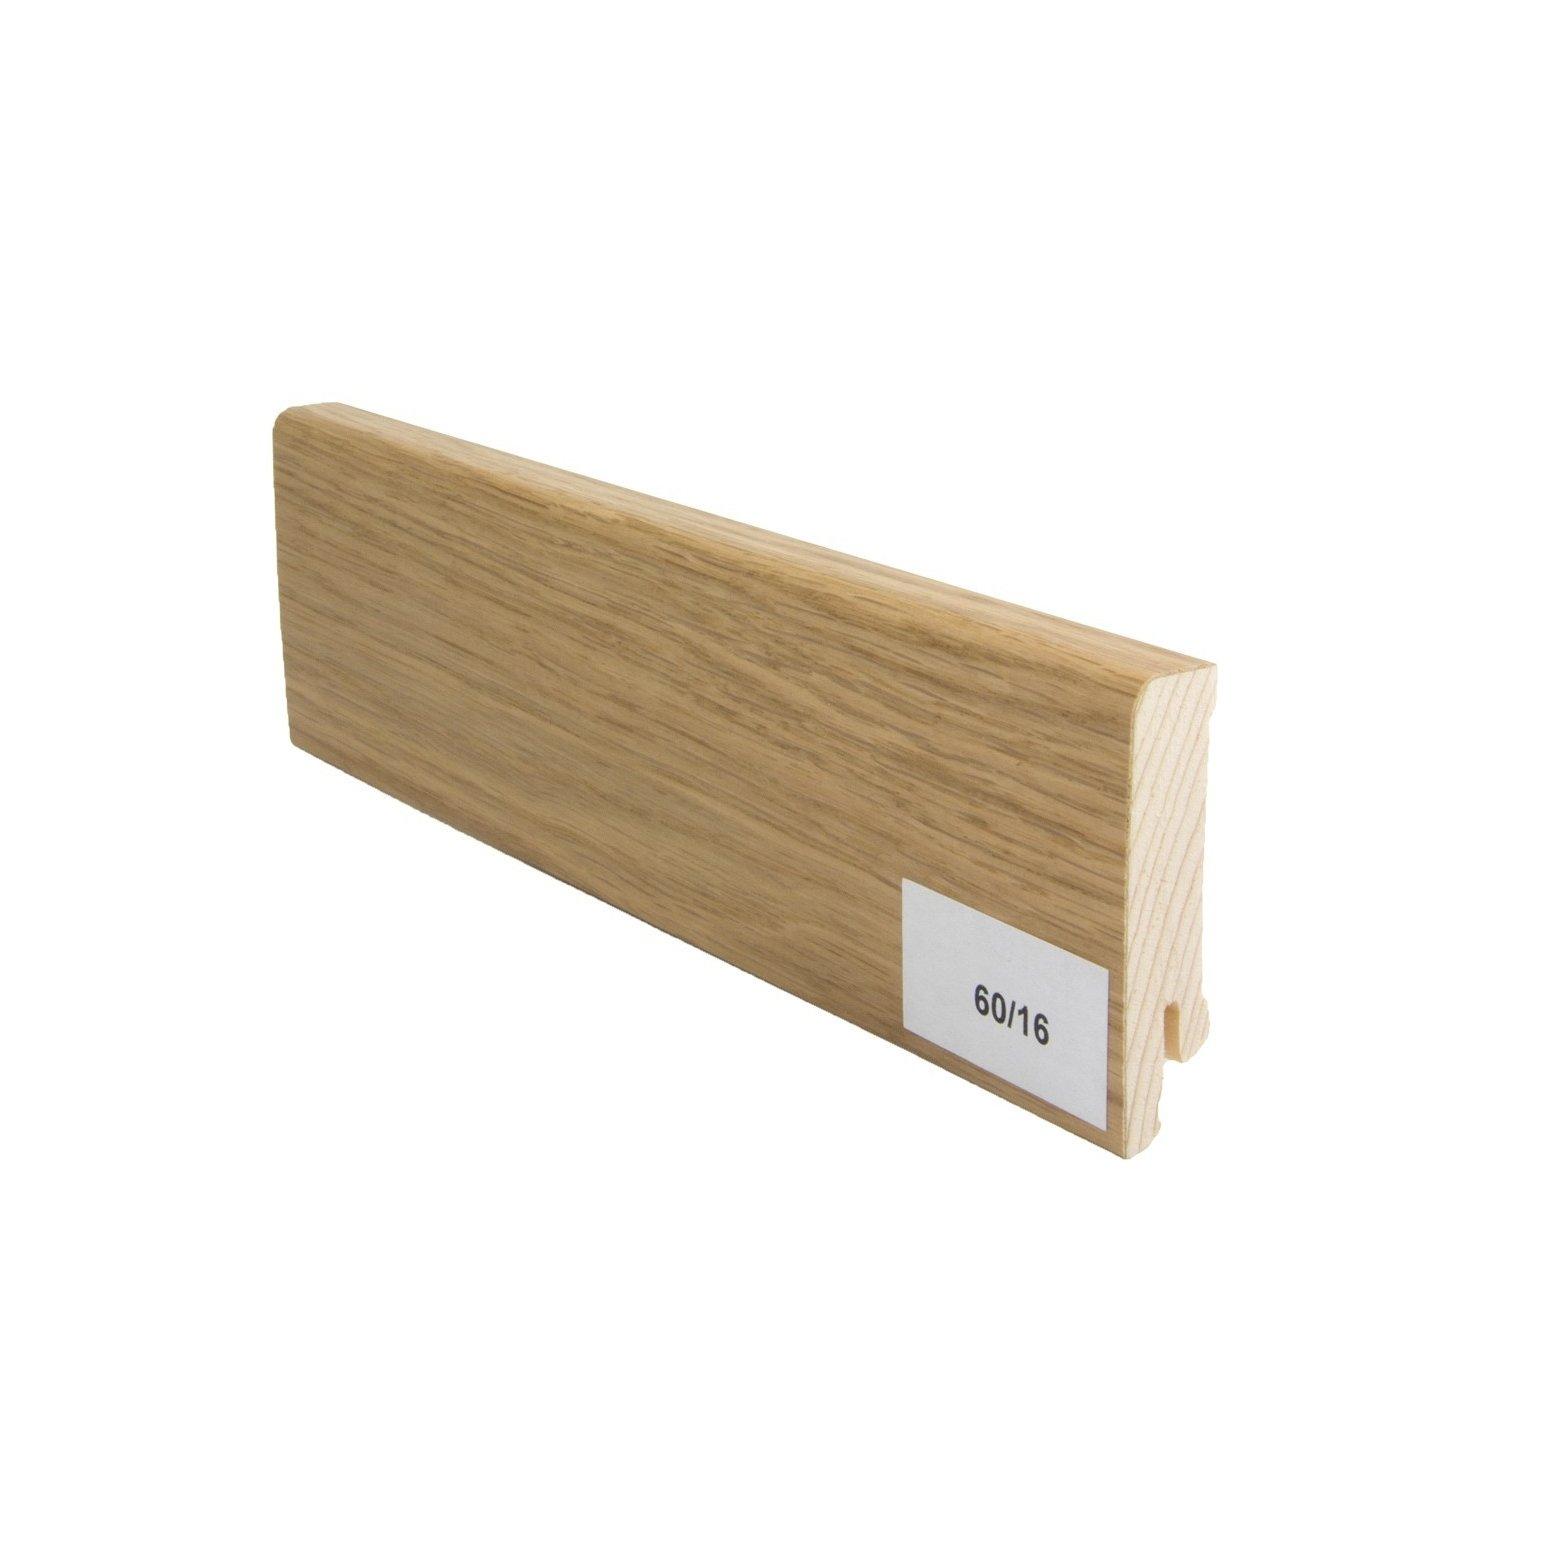 Listwa przypodłogowa drewniana (60/16 mm) Dąb europejski lakierowana